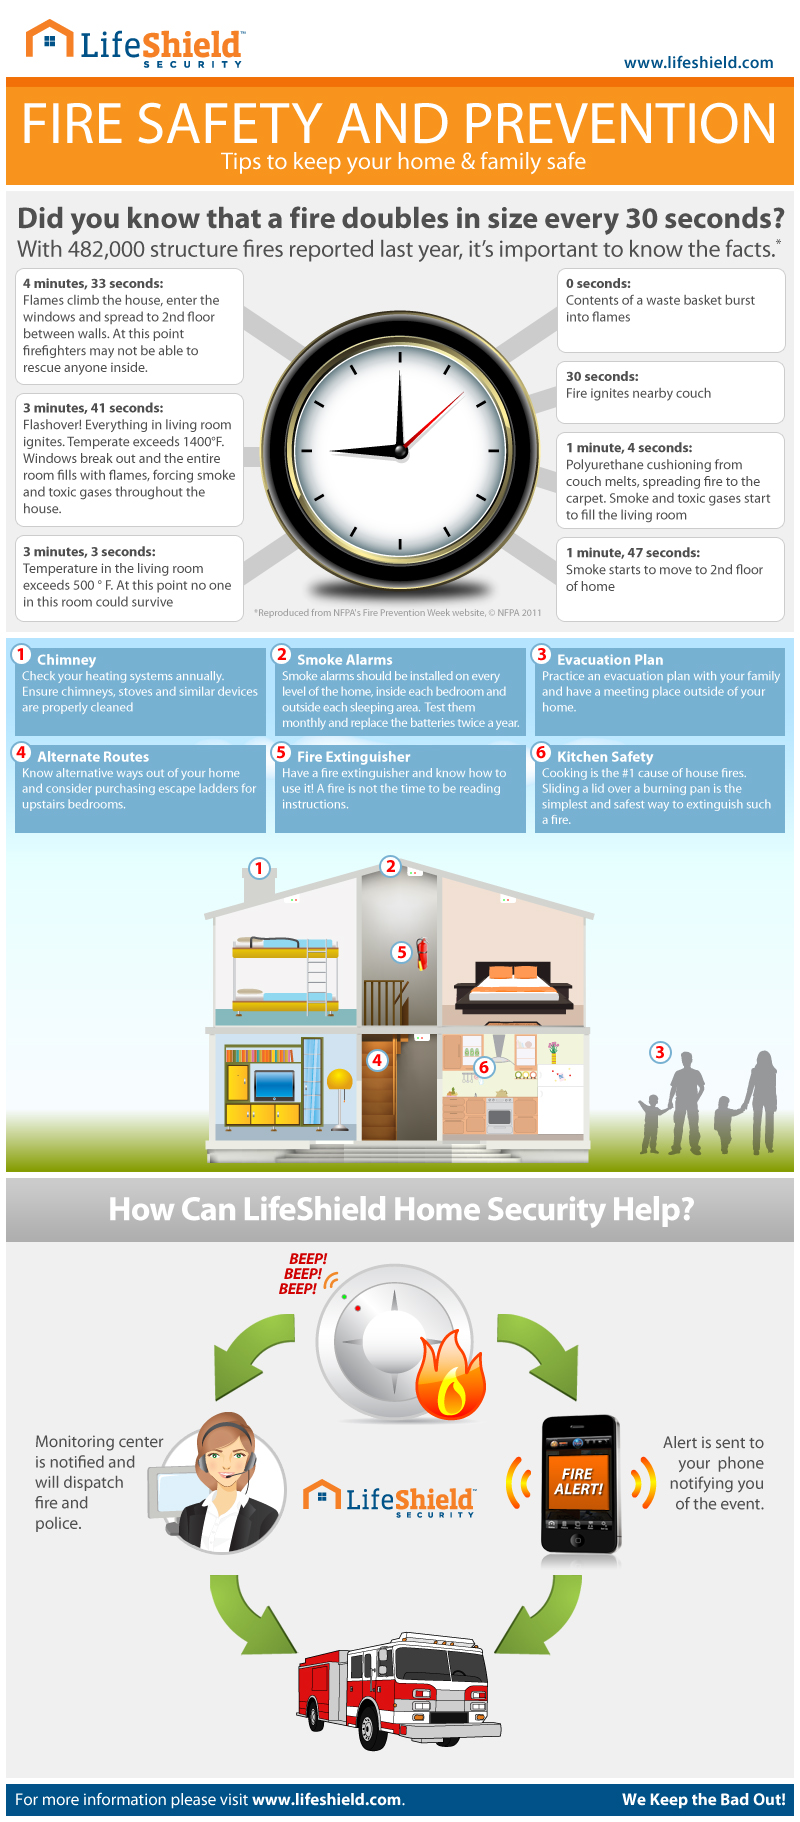 Пожарная безопасность для дома и семьи